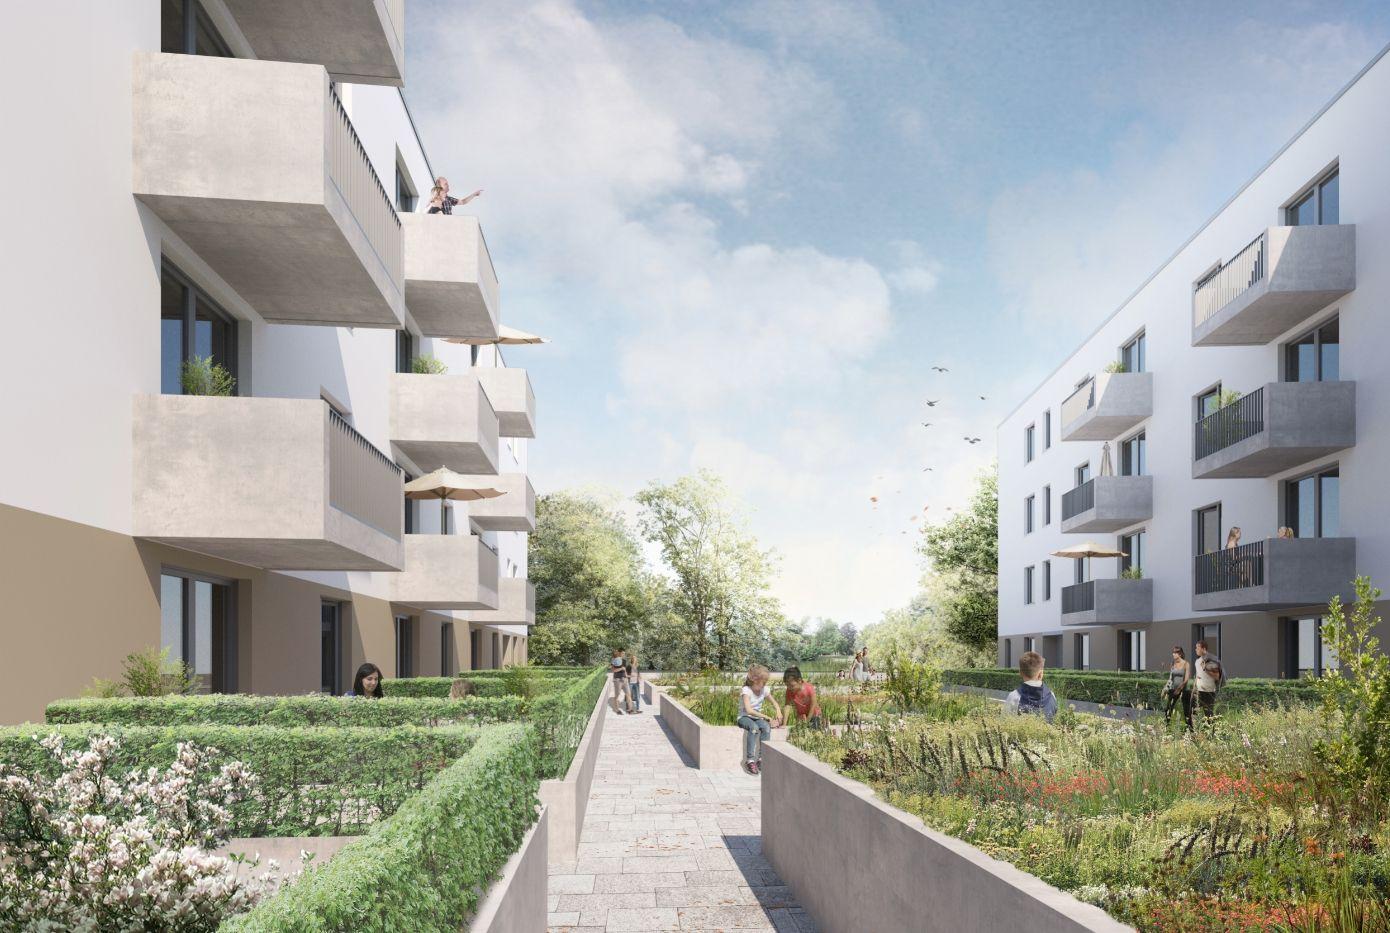 Eyemaxx entwickelt Wohnbauprojekt für über 200 Millionen Euro